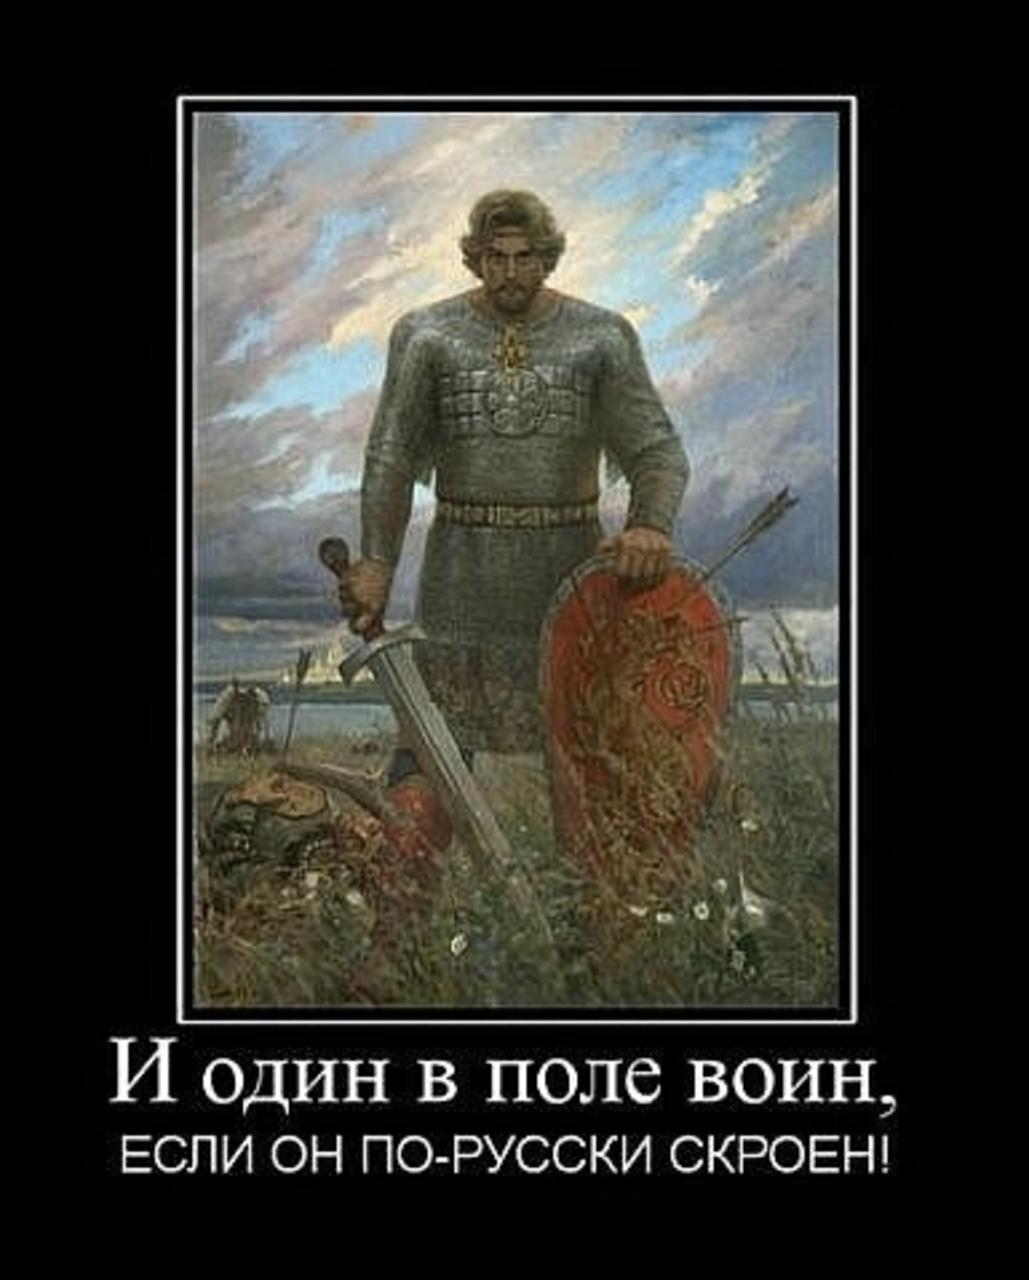 шубы открытки славяне вперед таких